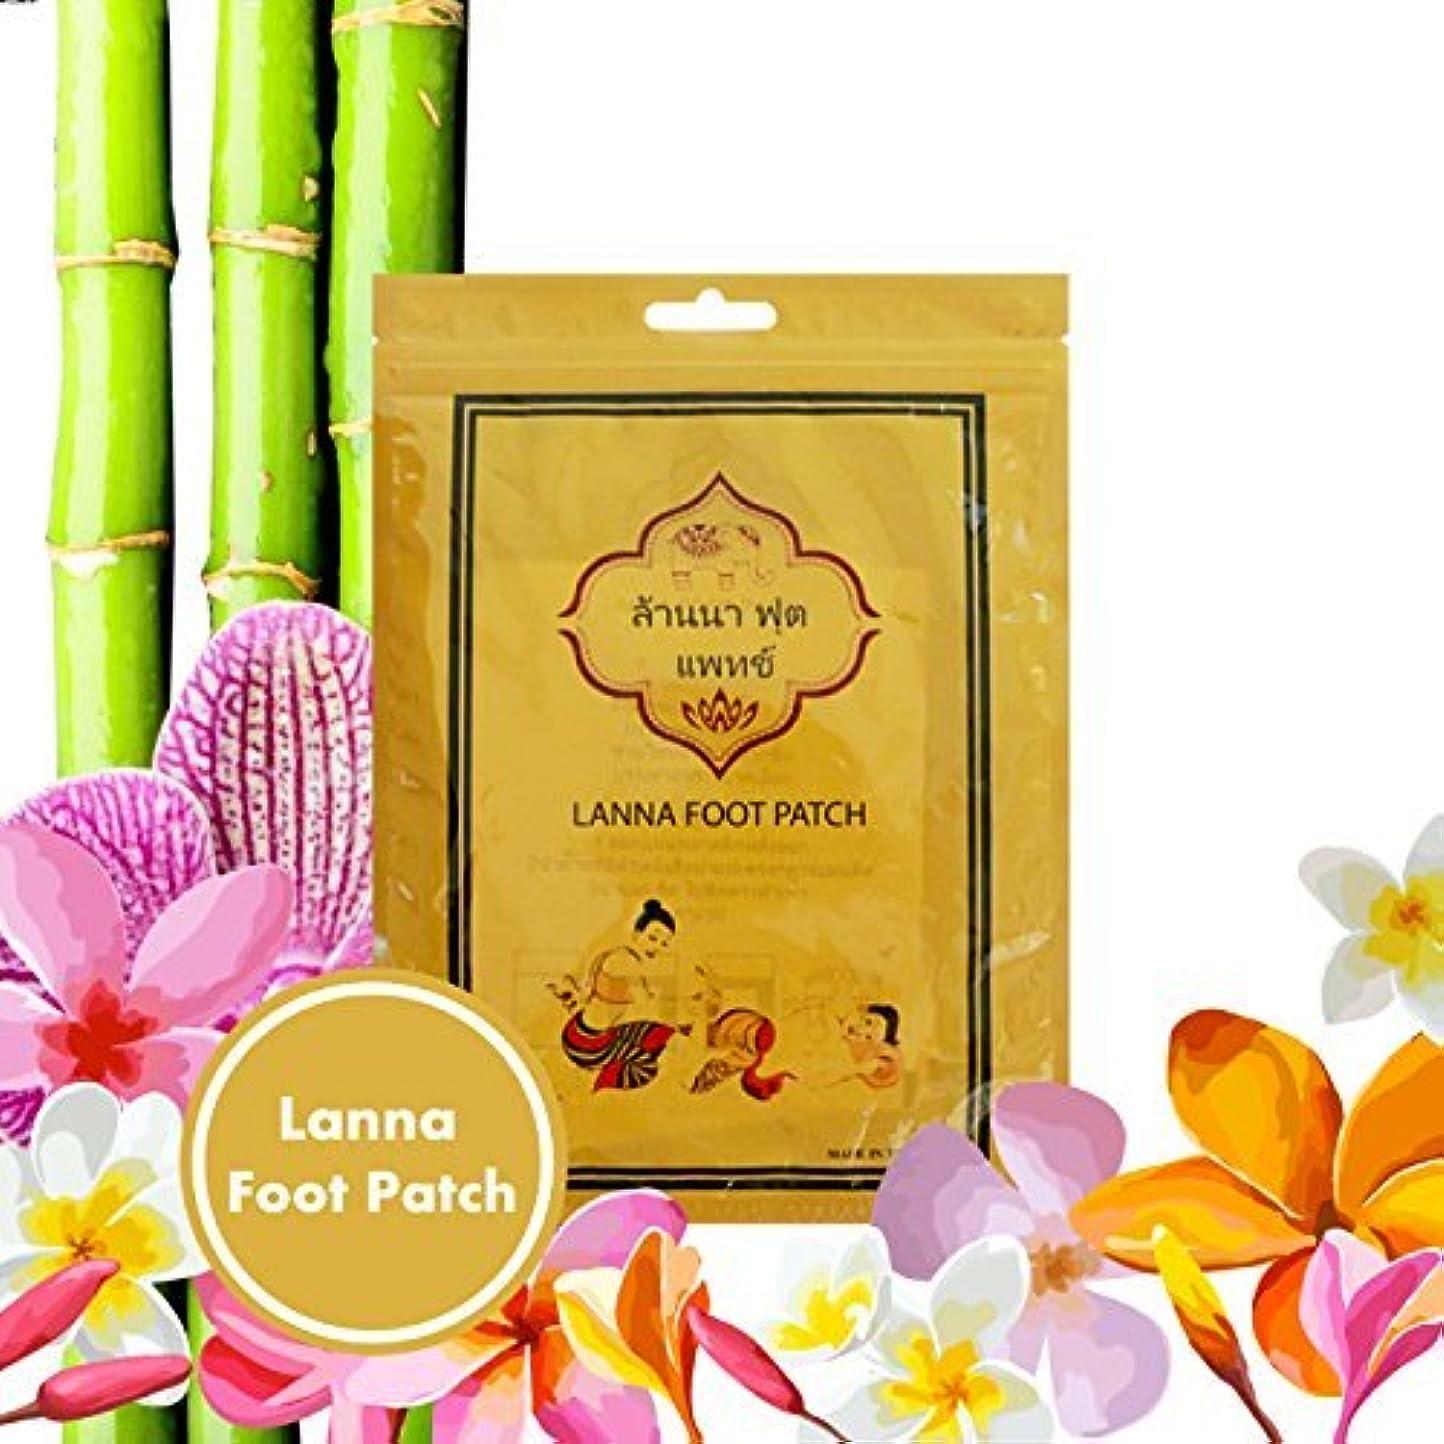 カヌー四夏KEEXUENNL タイすべての天然ハーブフットパッド/ランナフットパッチ 不純物を除去する/ストレスを緩和する/あなたの体のための睡眠/健康を改善する - (10 ピース/5ペア) ワンサイズ